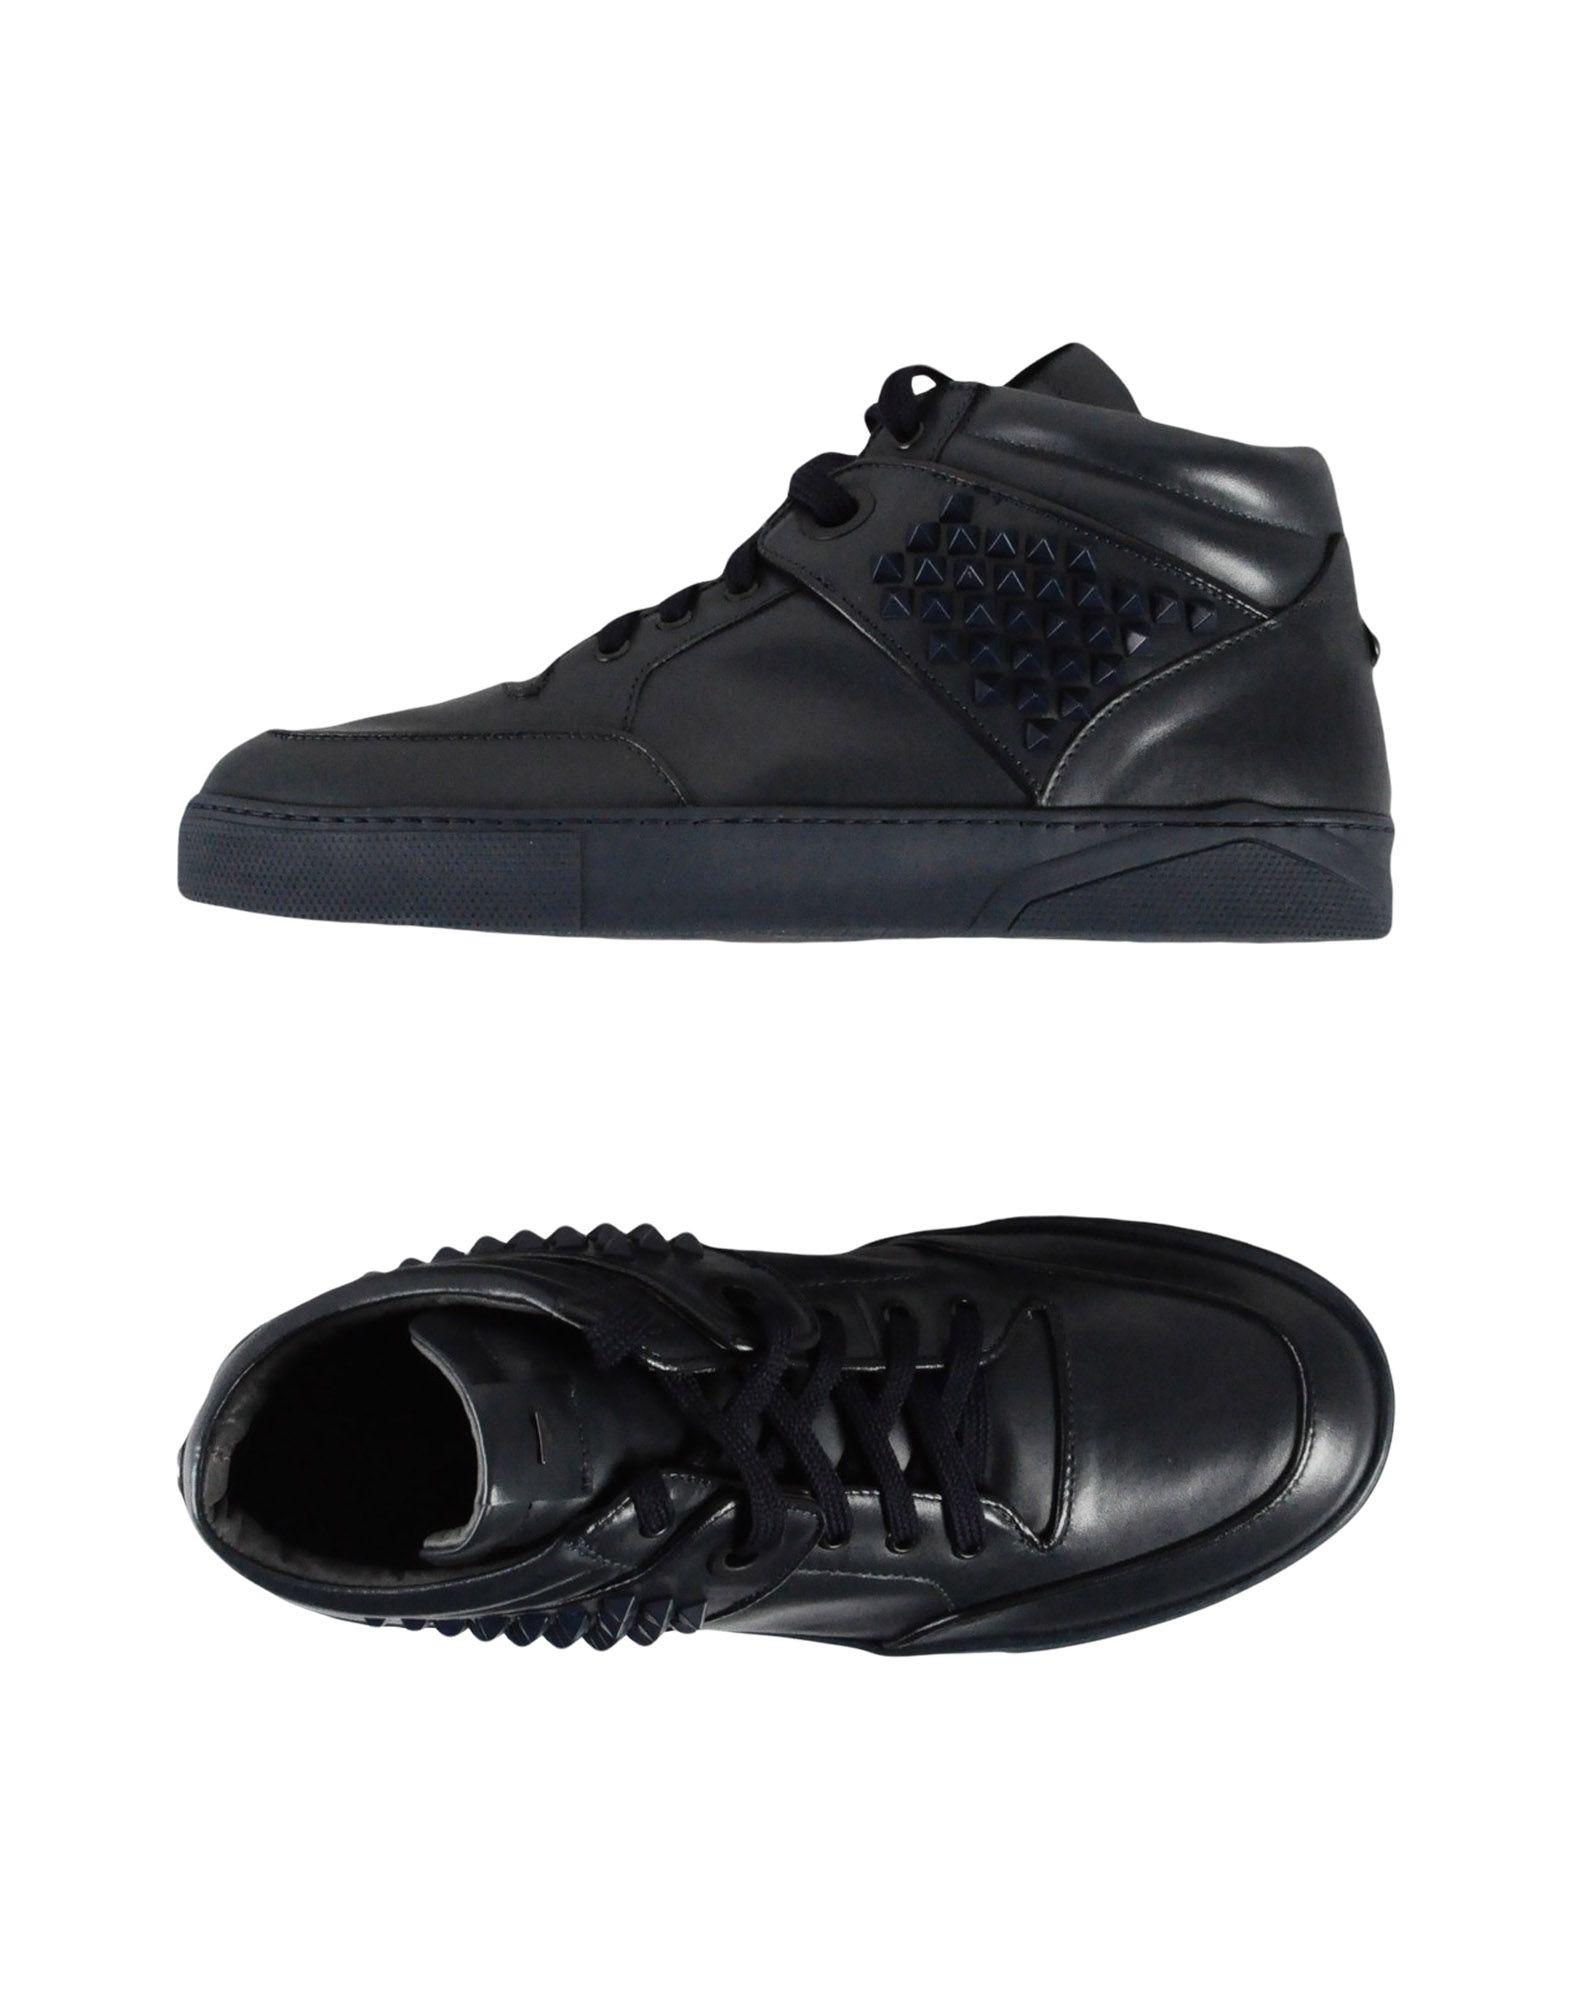 Alberto Alberto Alberto Guardiani Sneakers Herren Gutes Preis-Leistungs-Verhältnis, es lohnt sich 0ae206